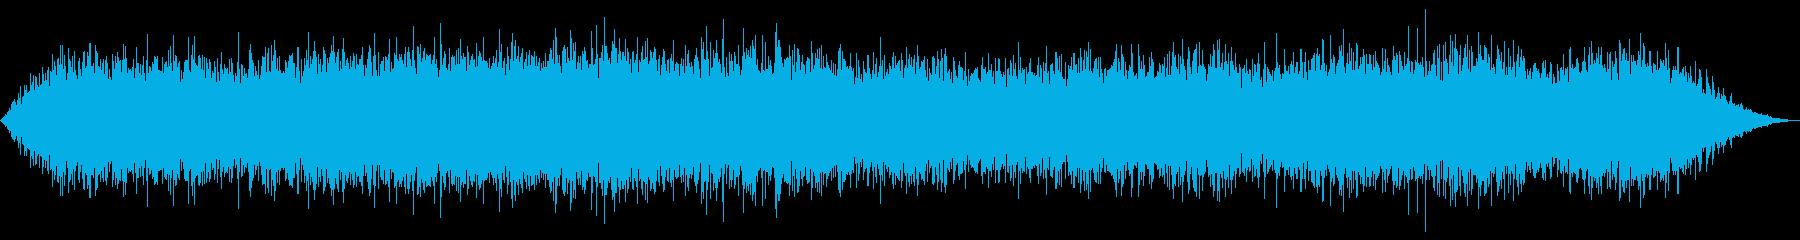 ハリケーン(強風と雨)の再生済みの波形